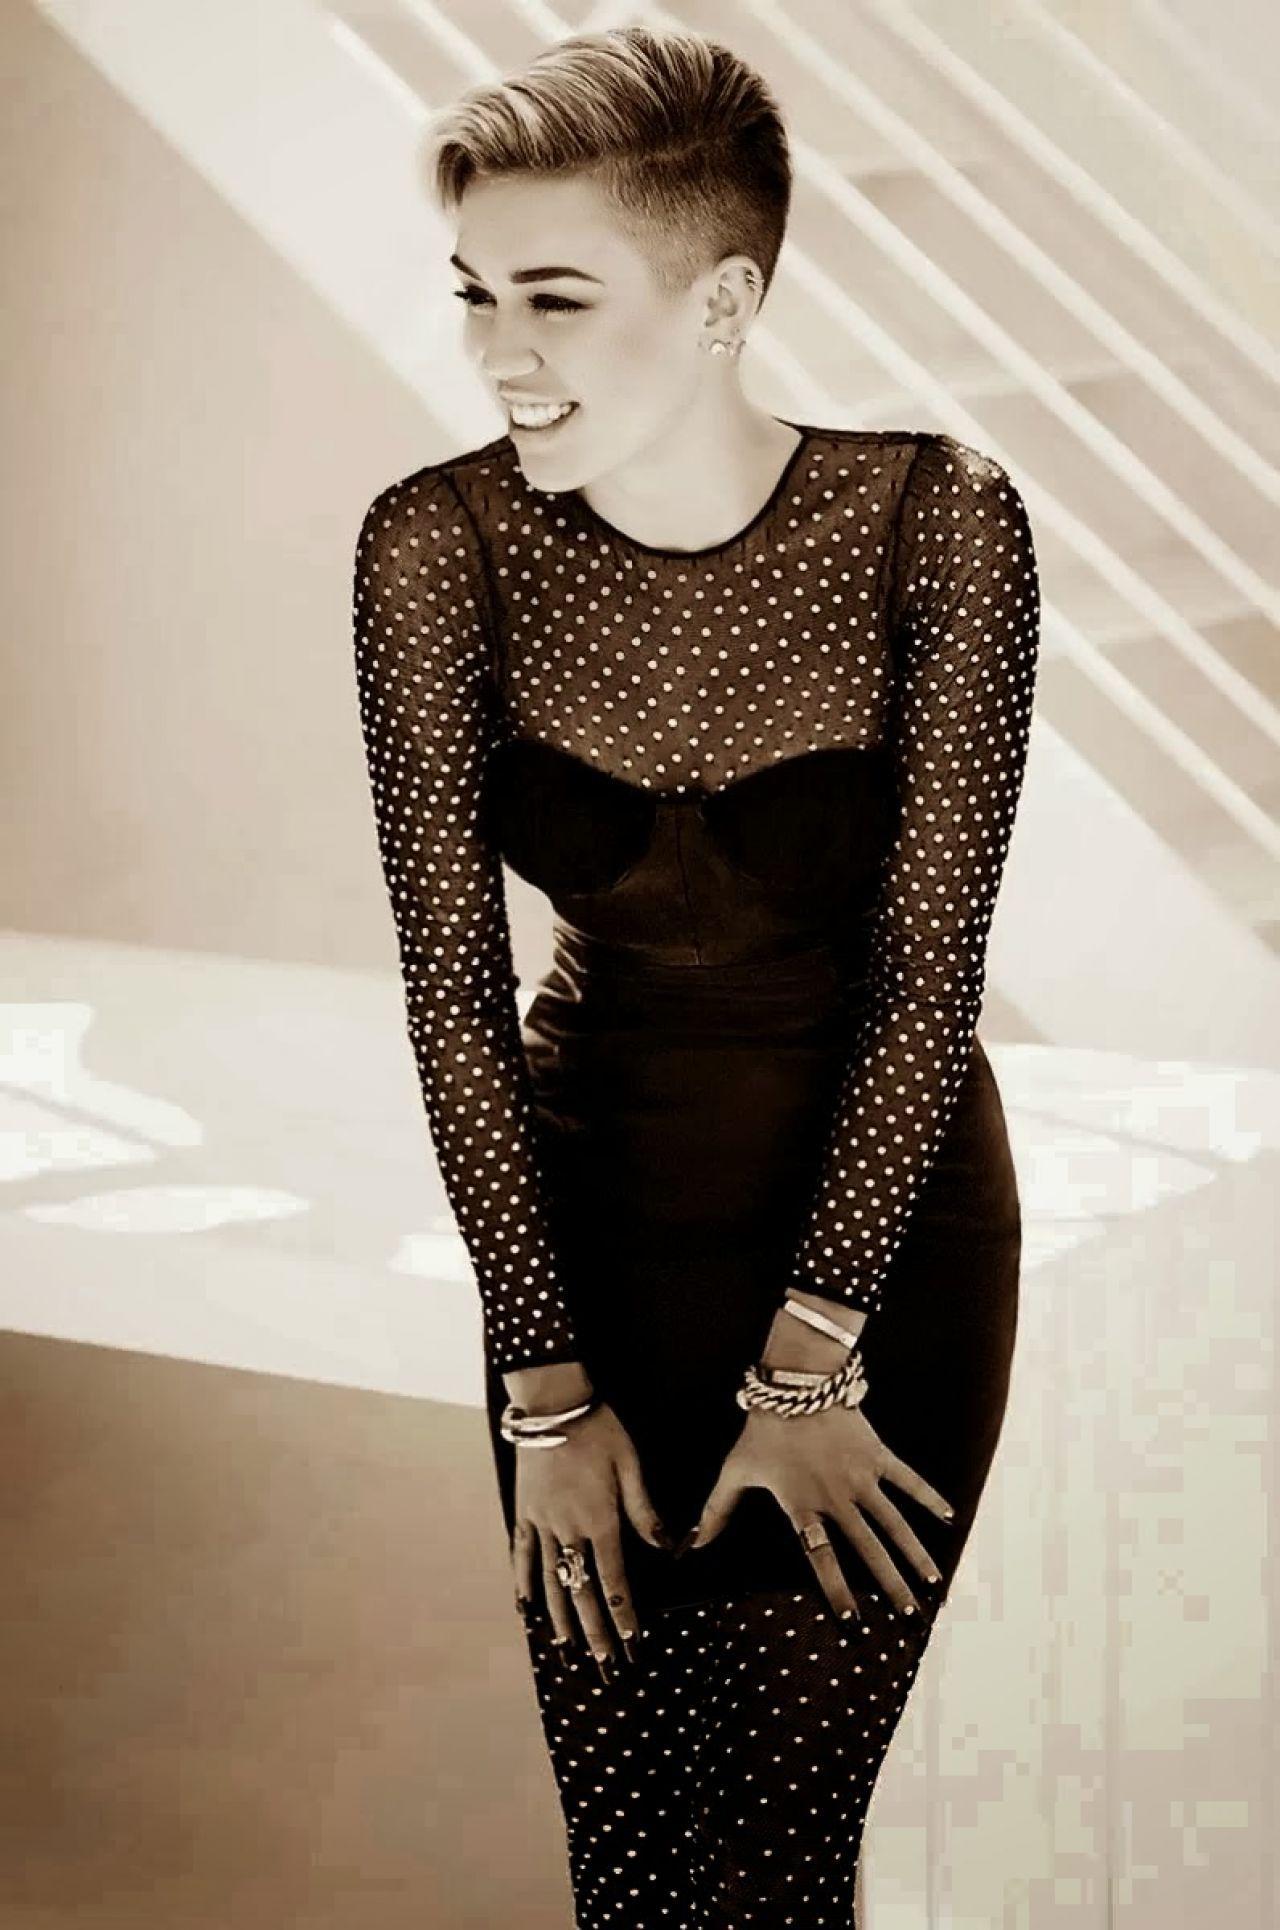 Miley Cyrus Fashion Magazine | Miley cyrus hair, Miley ...